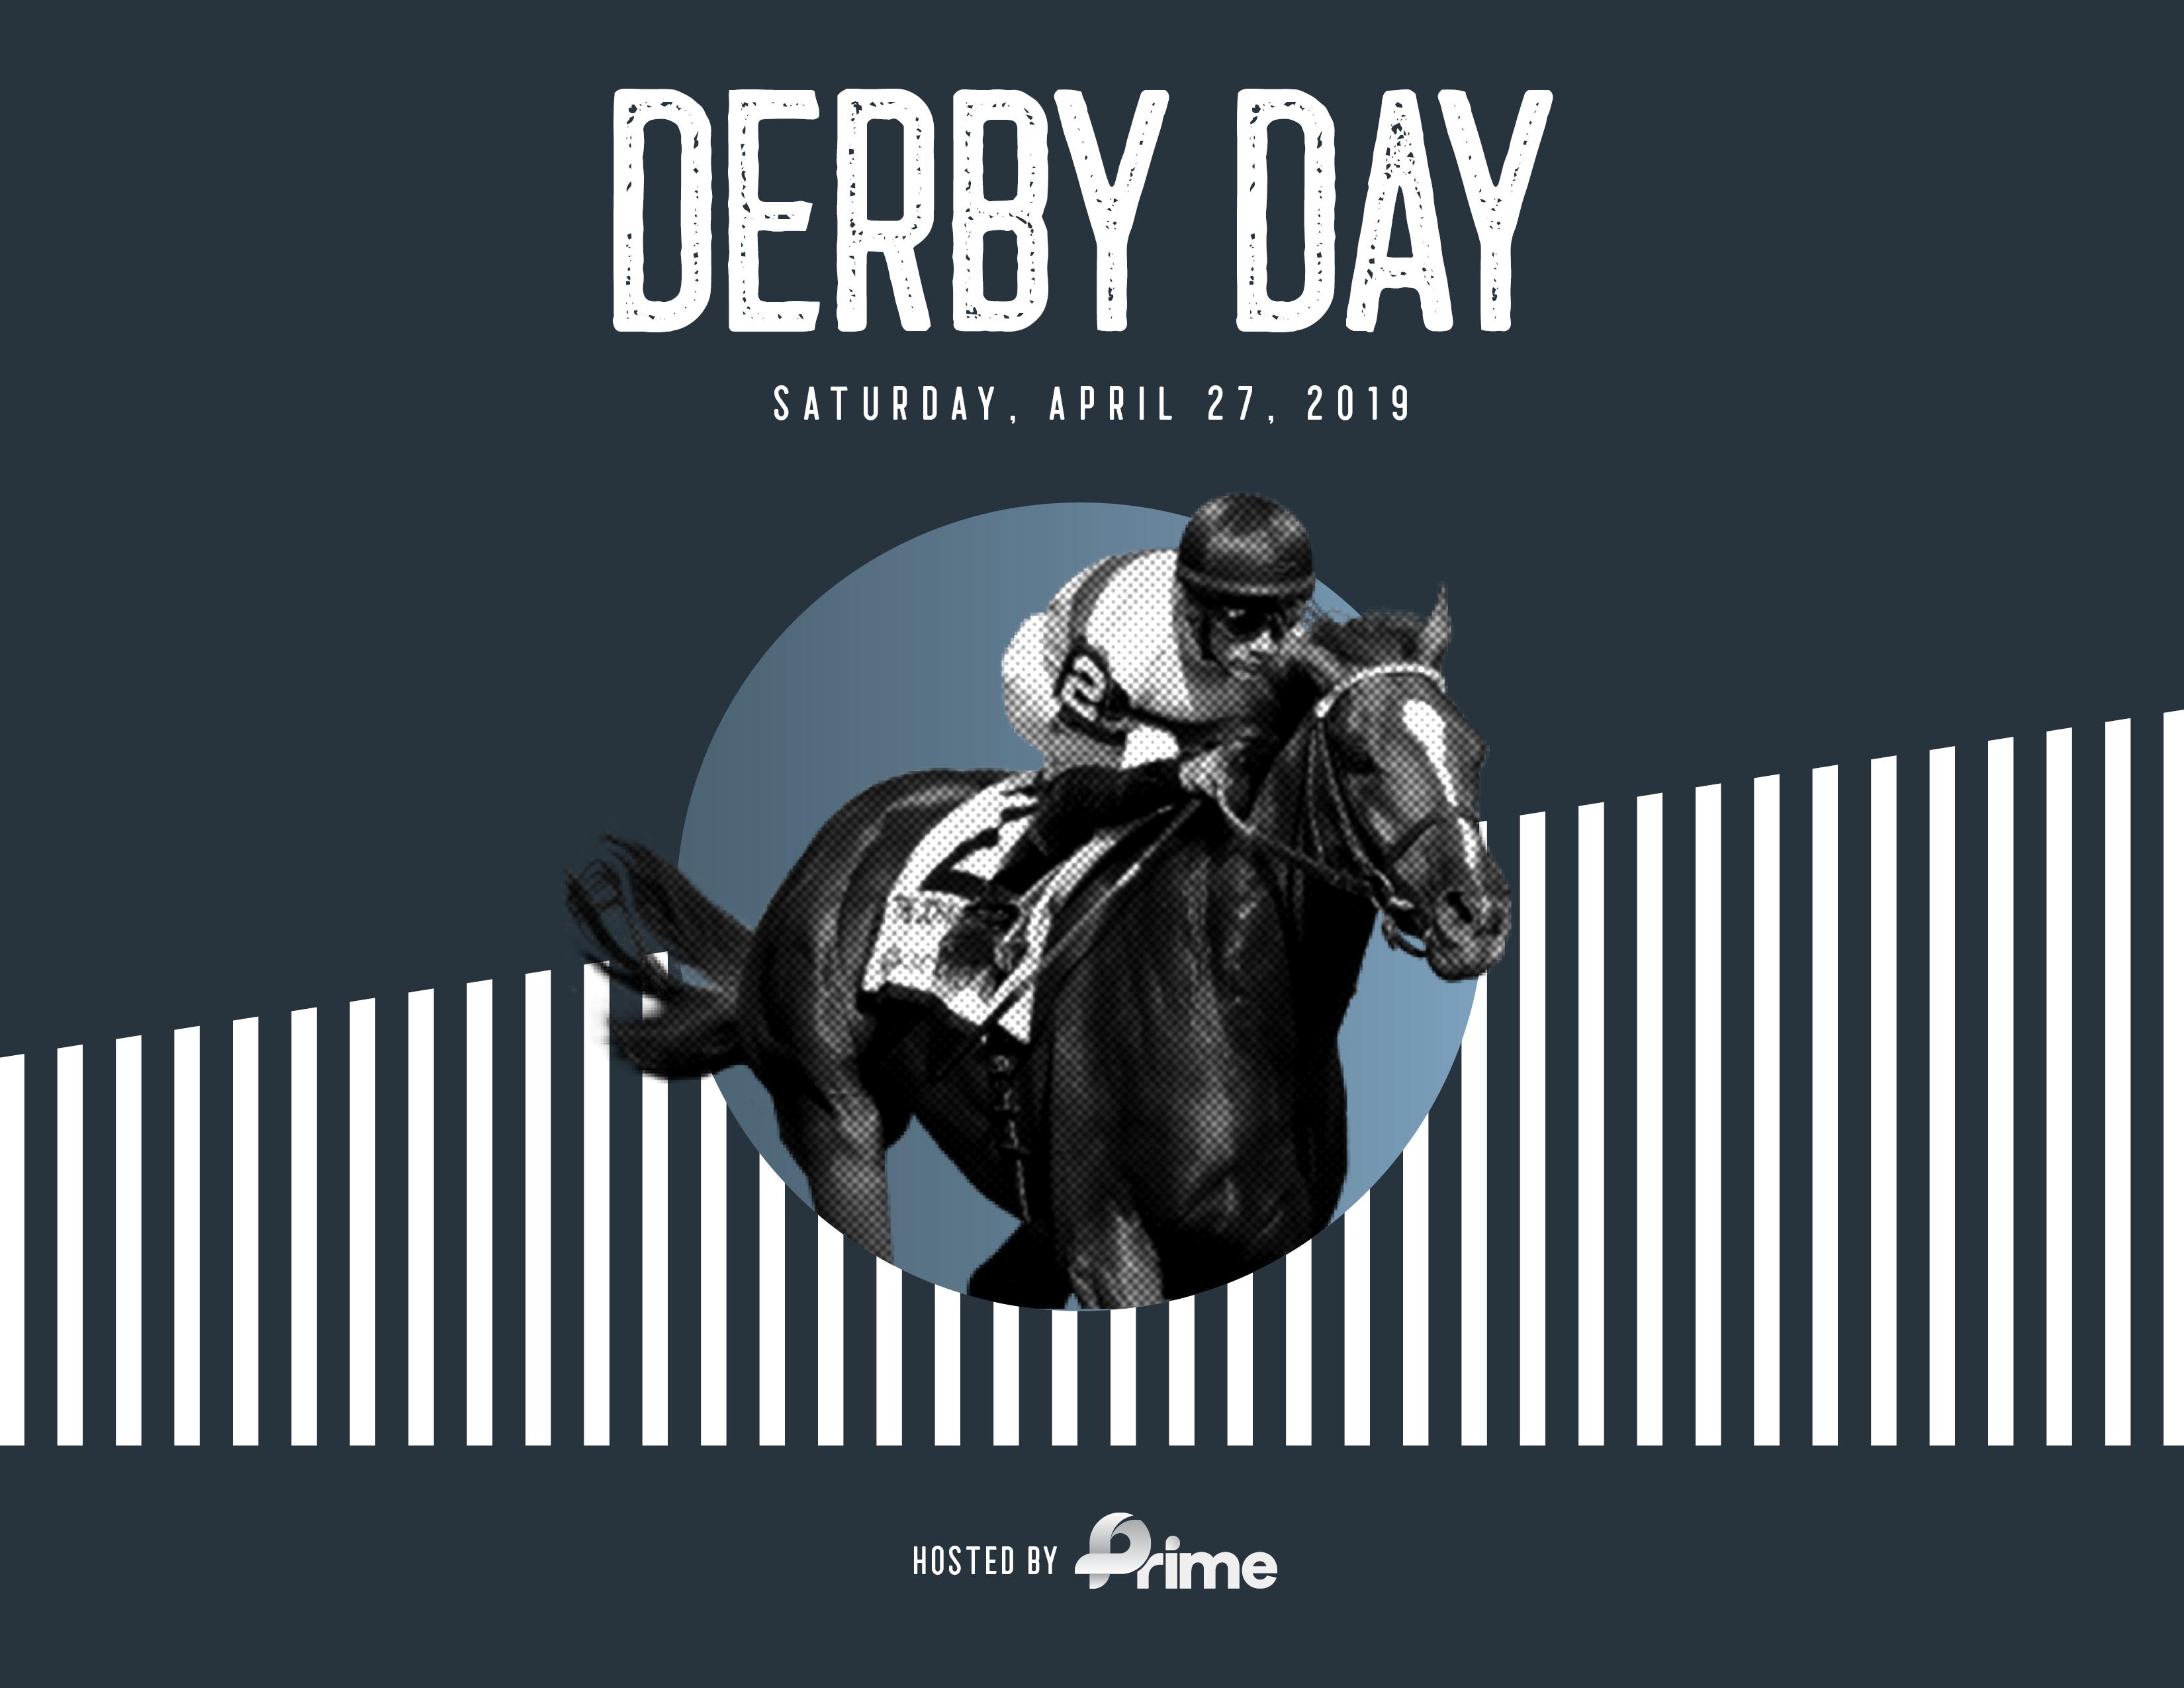 2019 Derby Day is right around the corner!